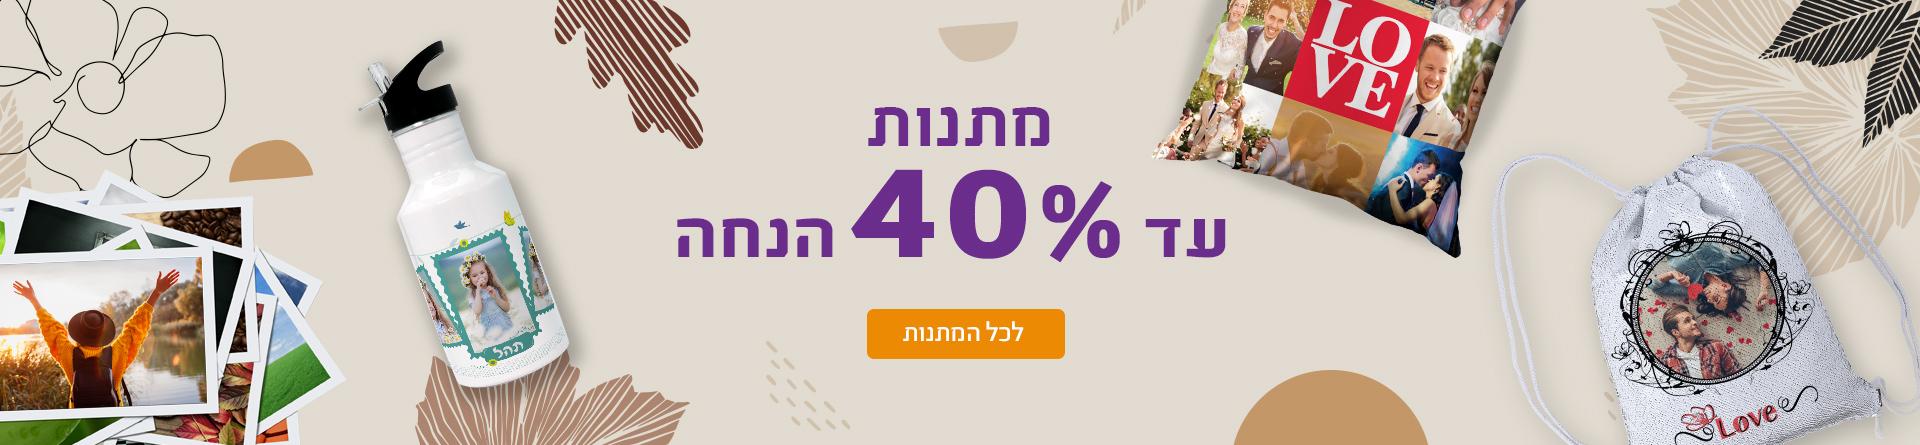 מתנות עד 40% הנחה 11.10